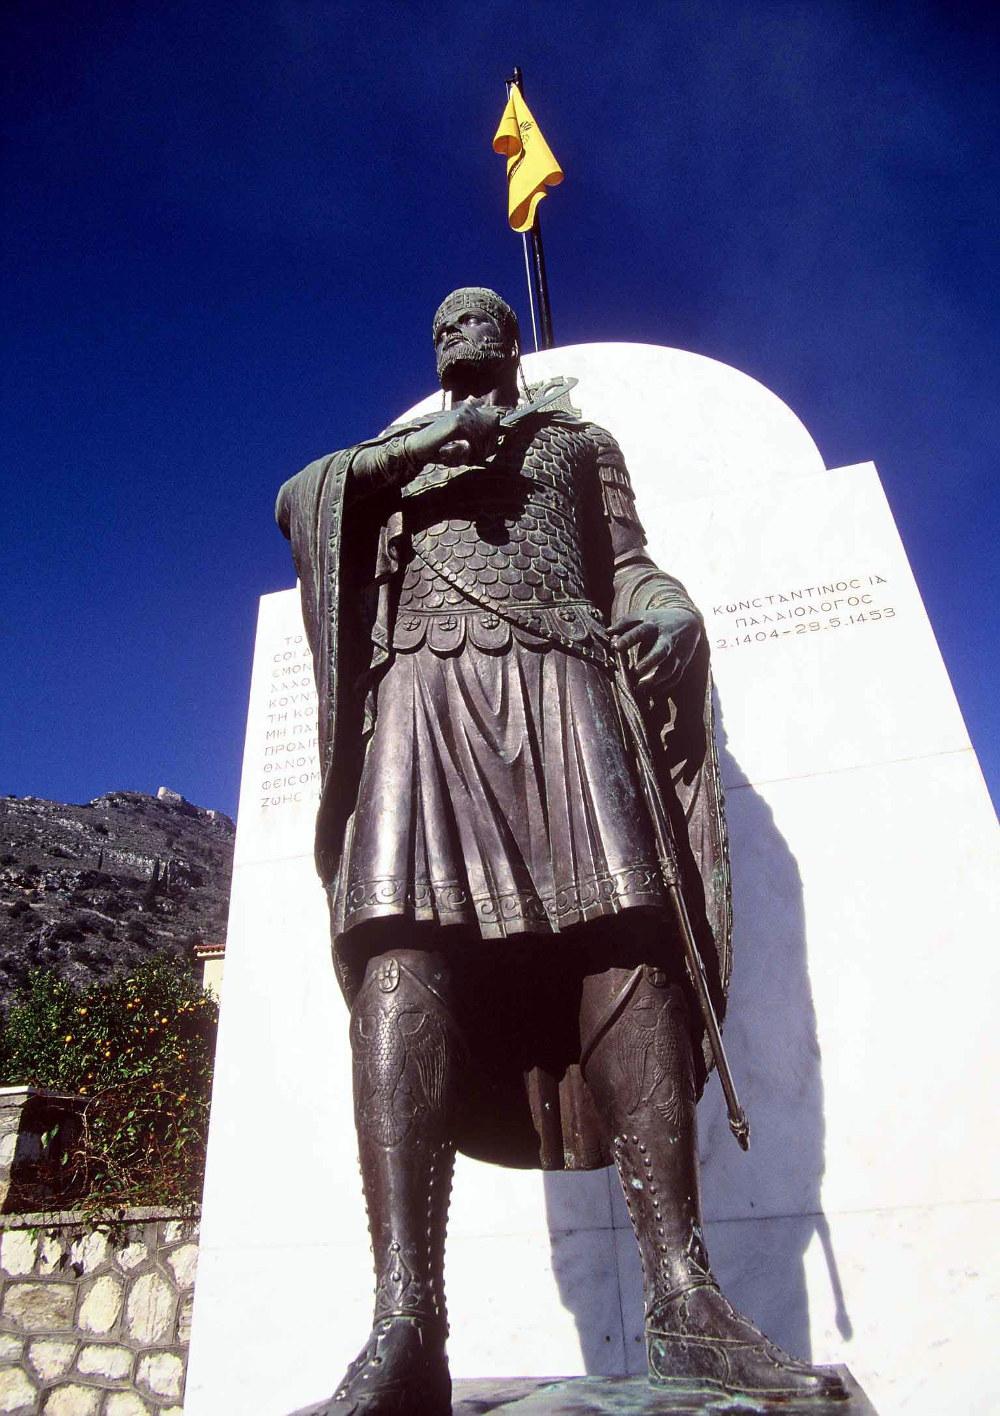 Χάλκινο άγαλμα του Κωνσταντίνου Παλαιολόγου